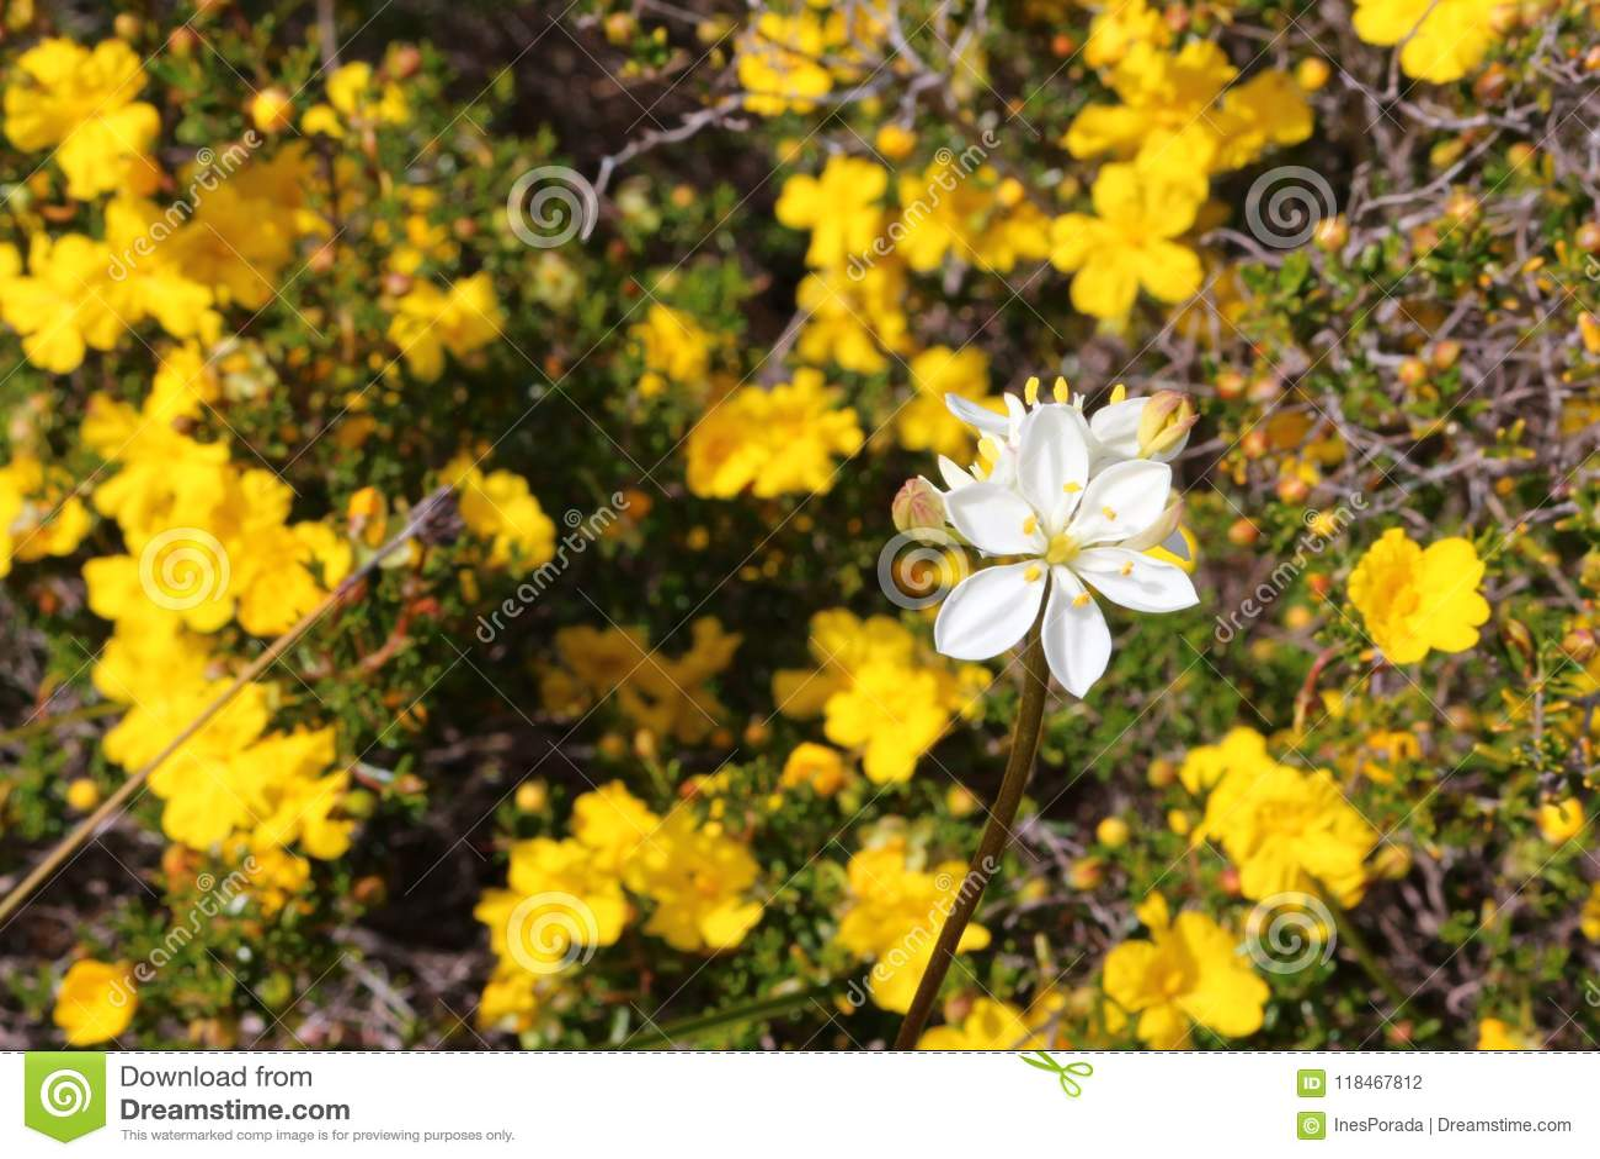 White Milkweed blossom on yellow Hibertia flowers background in bokeh- Australian wildflower texture background